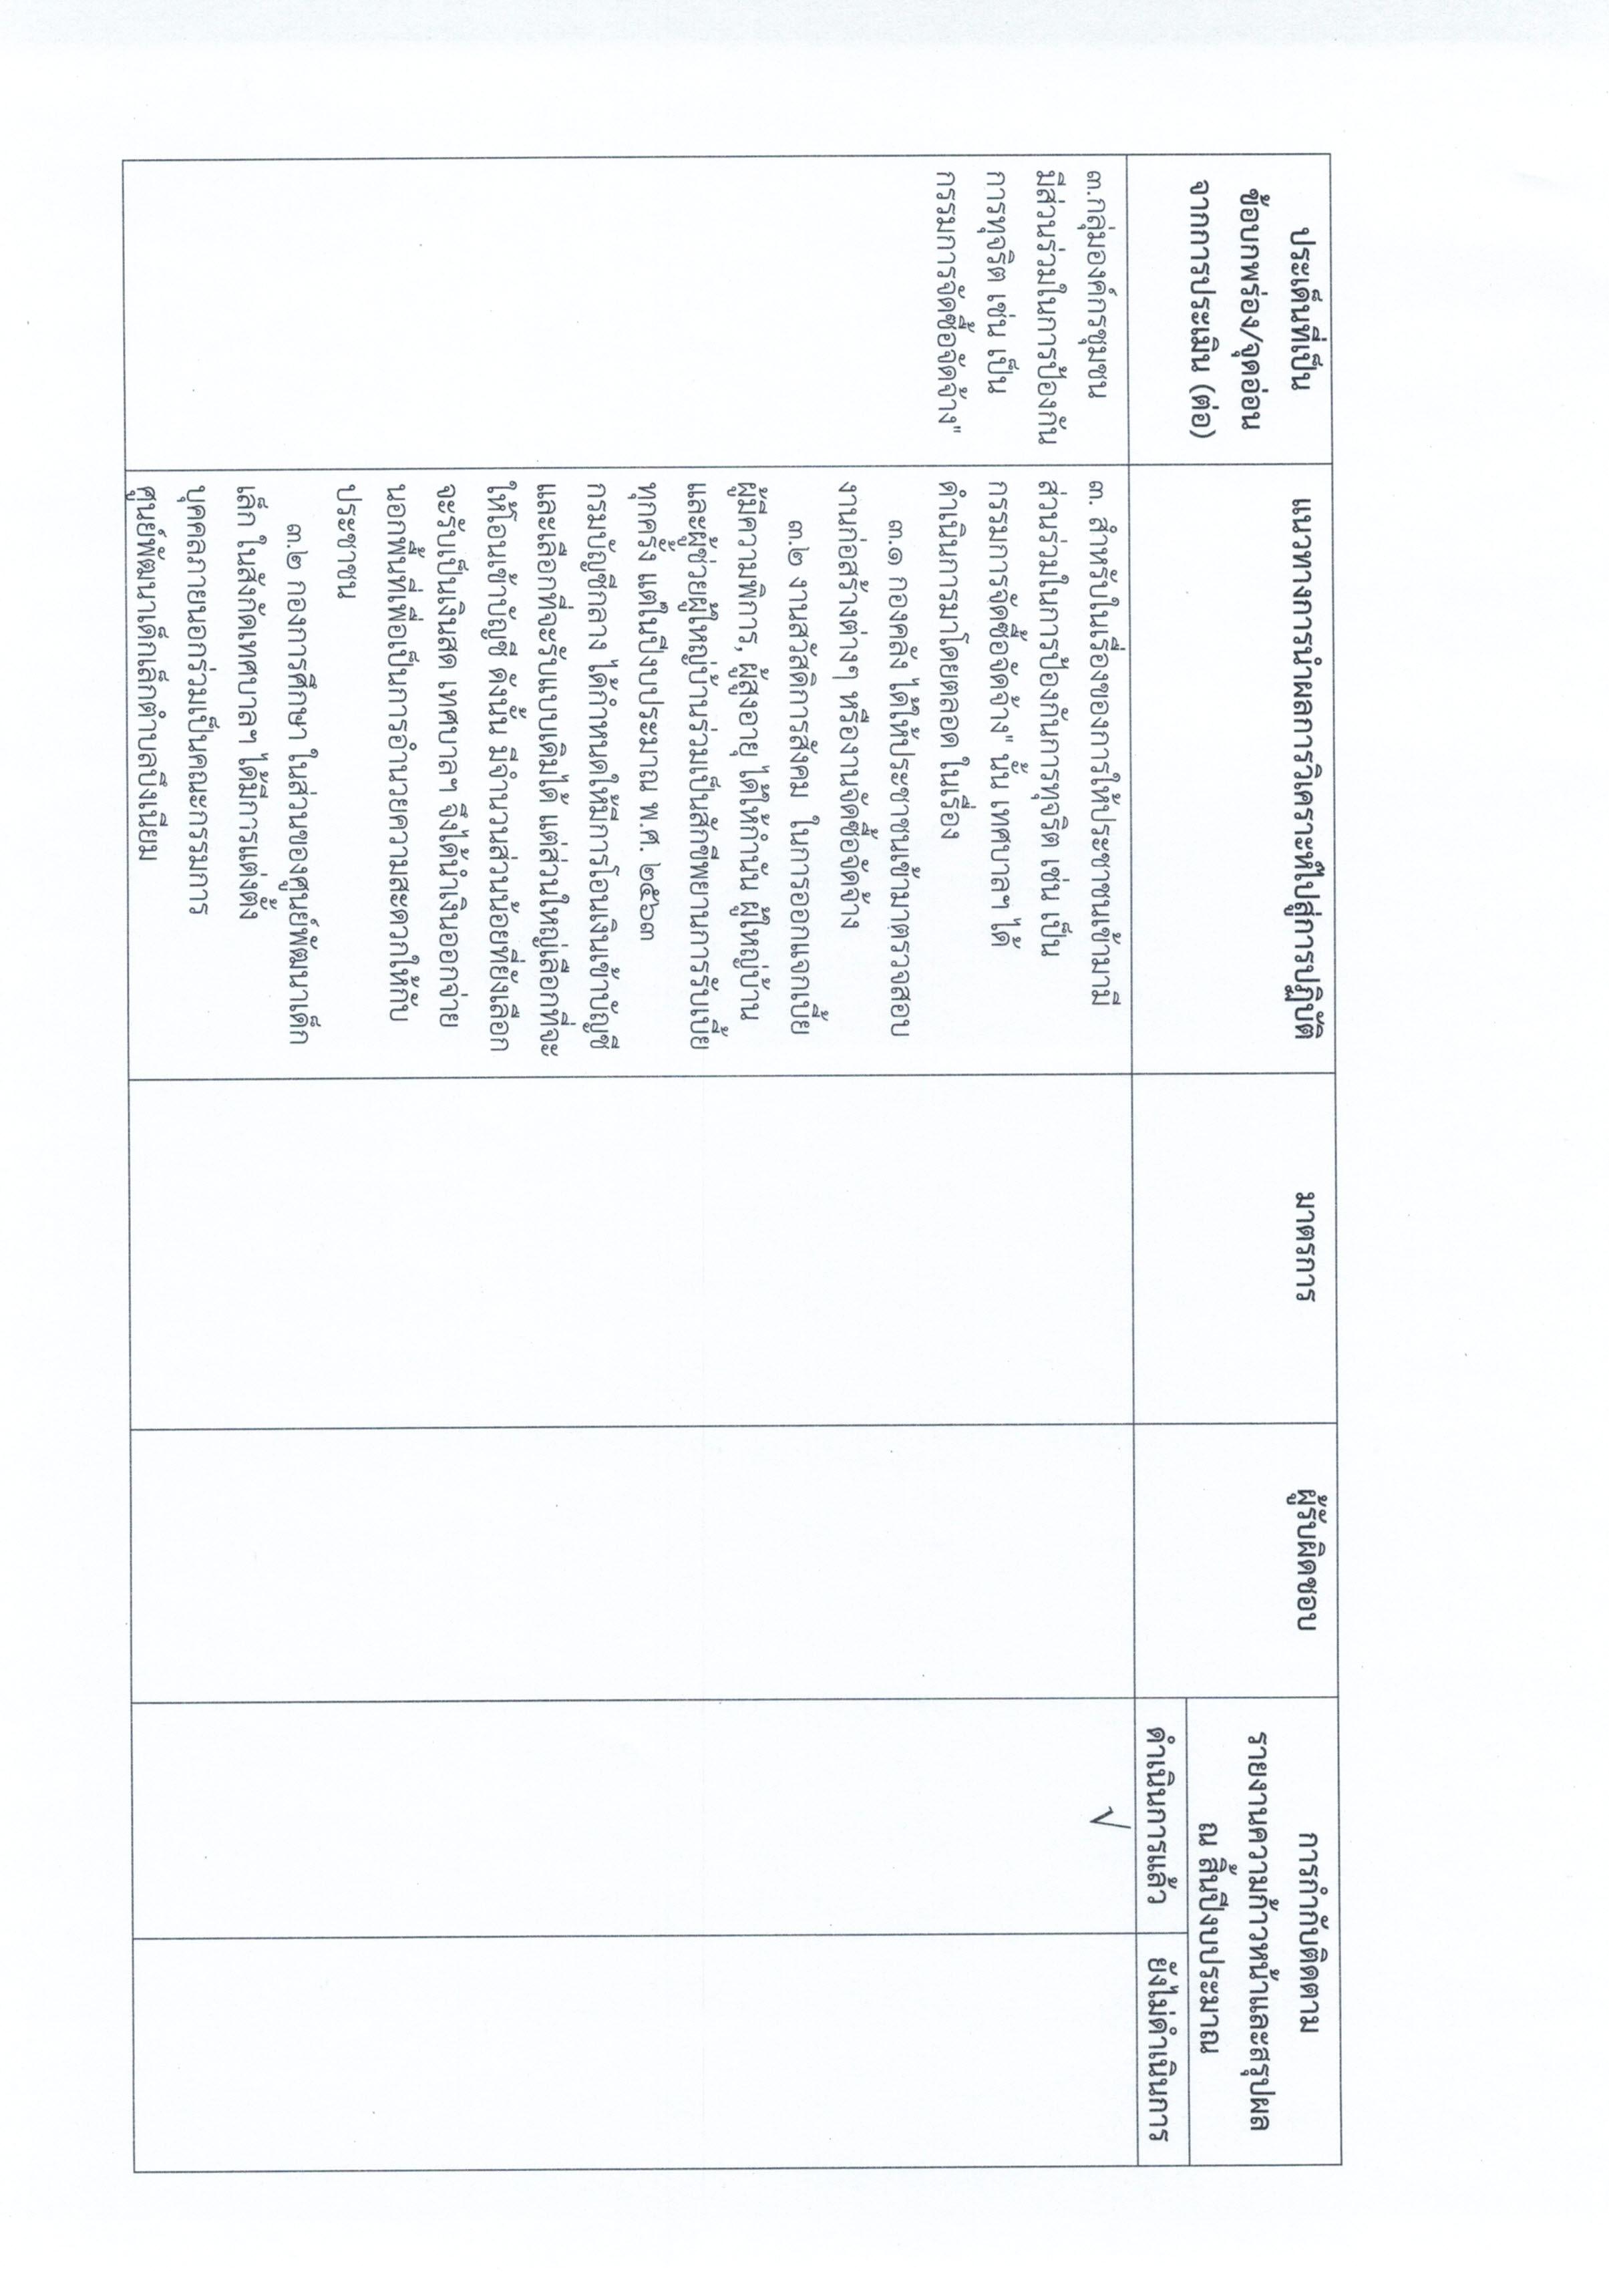 มาตรการส่งเสริมคุณธรรมและความโปร่งใสภายในหน่วยงาน24062563_0010